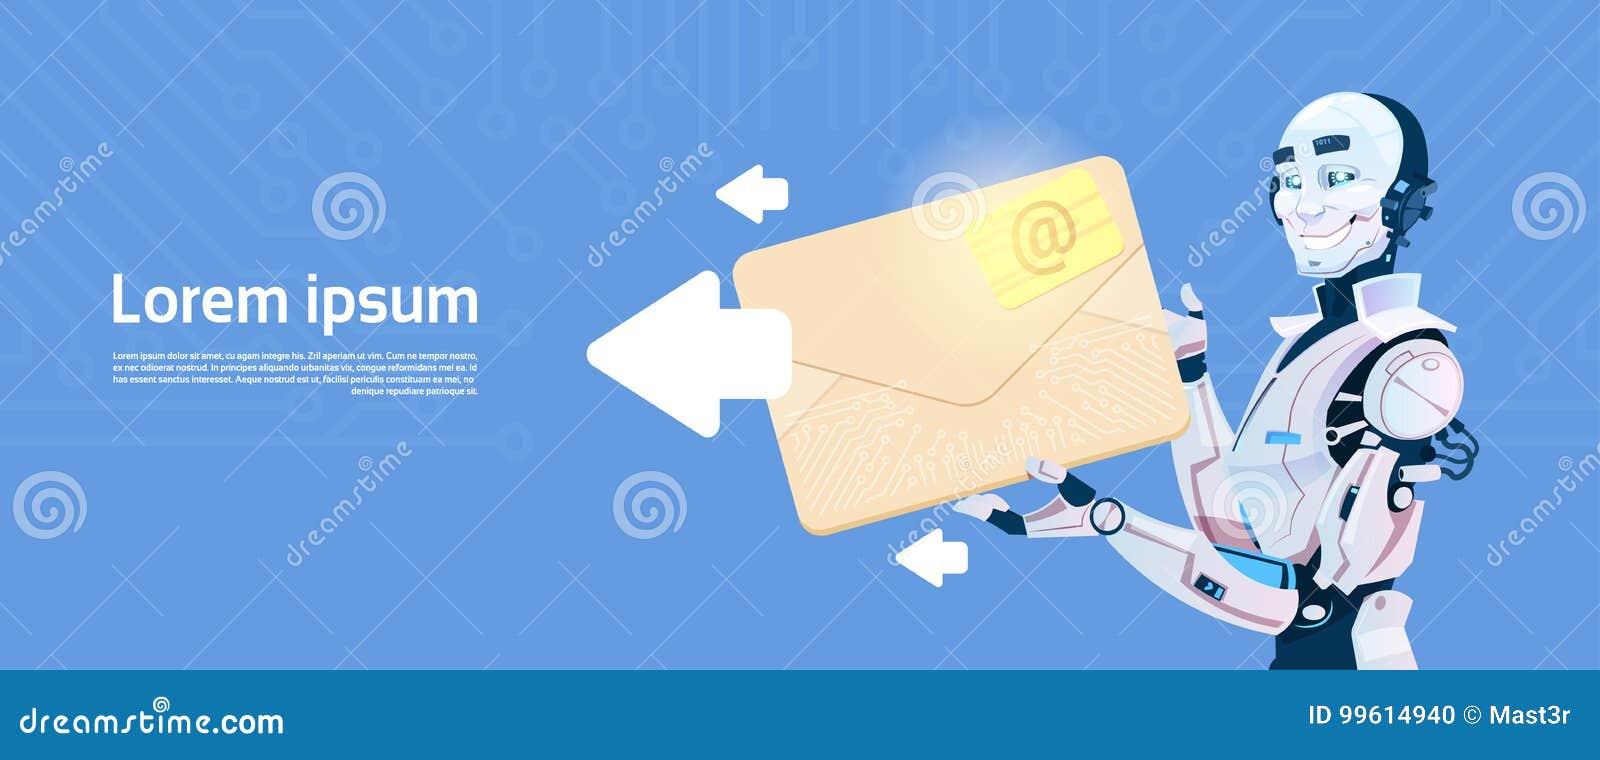 Sobre moderno del control del robot que envía el correo electrónico, tecnología futurista del mecanismo de la inteligencia artifi